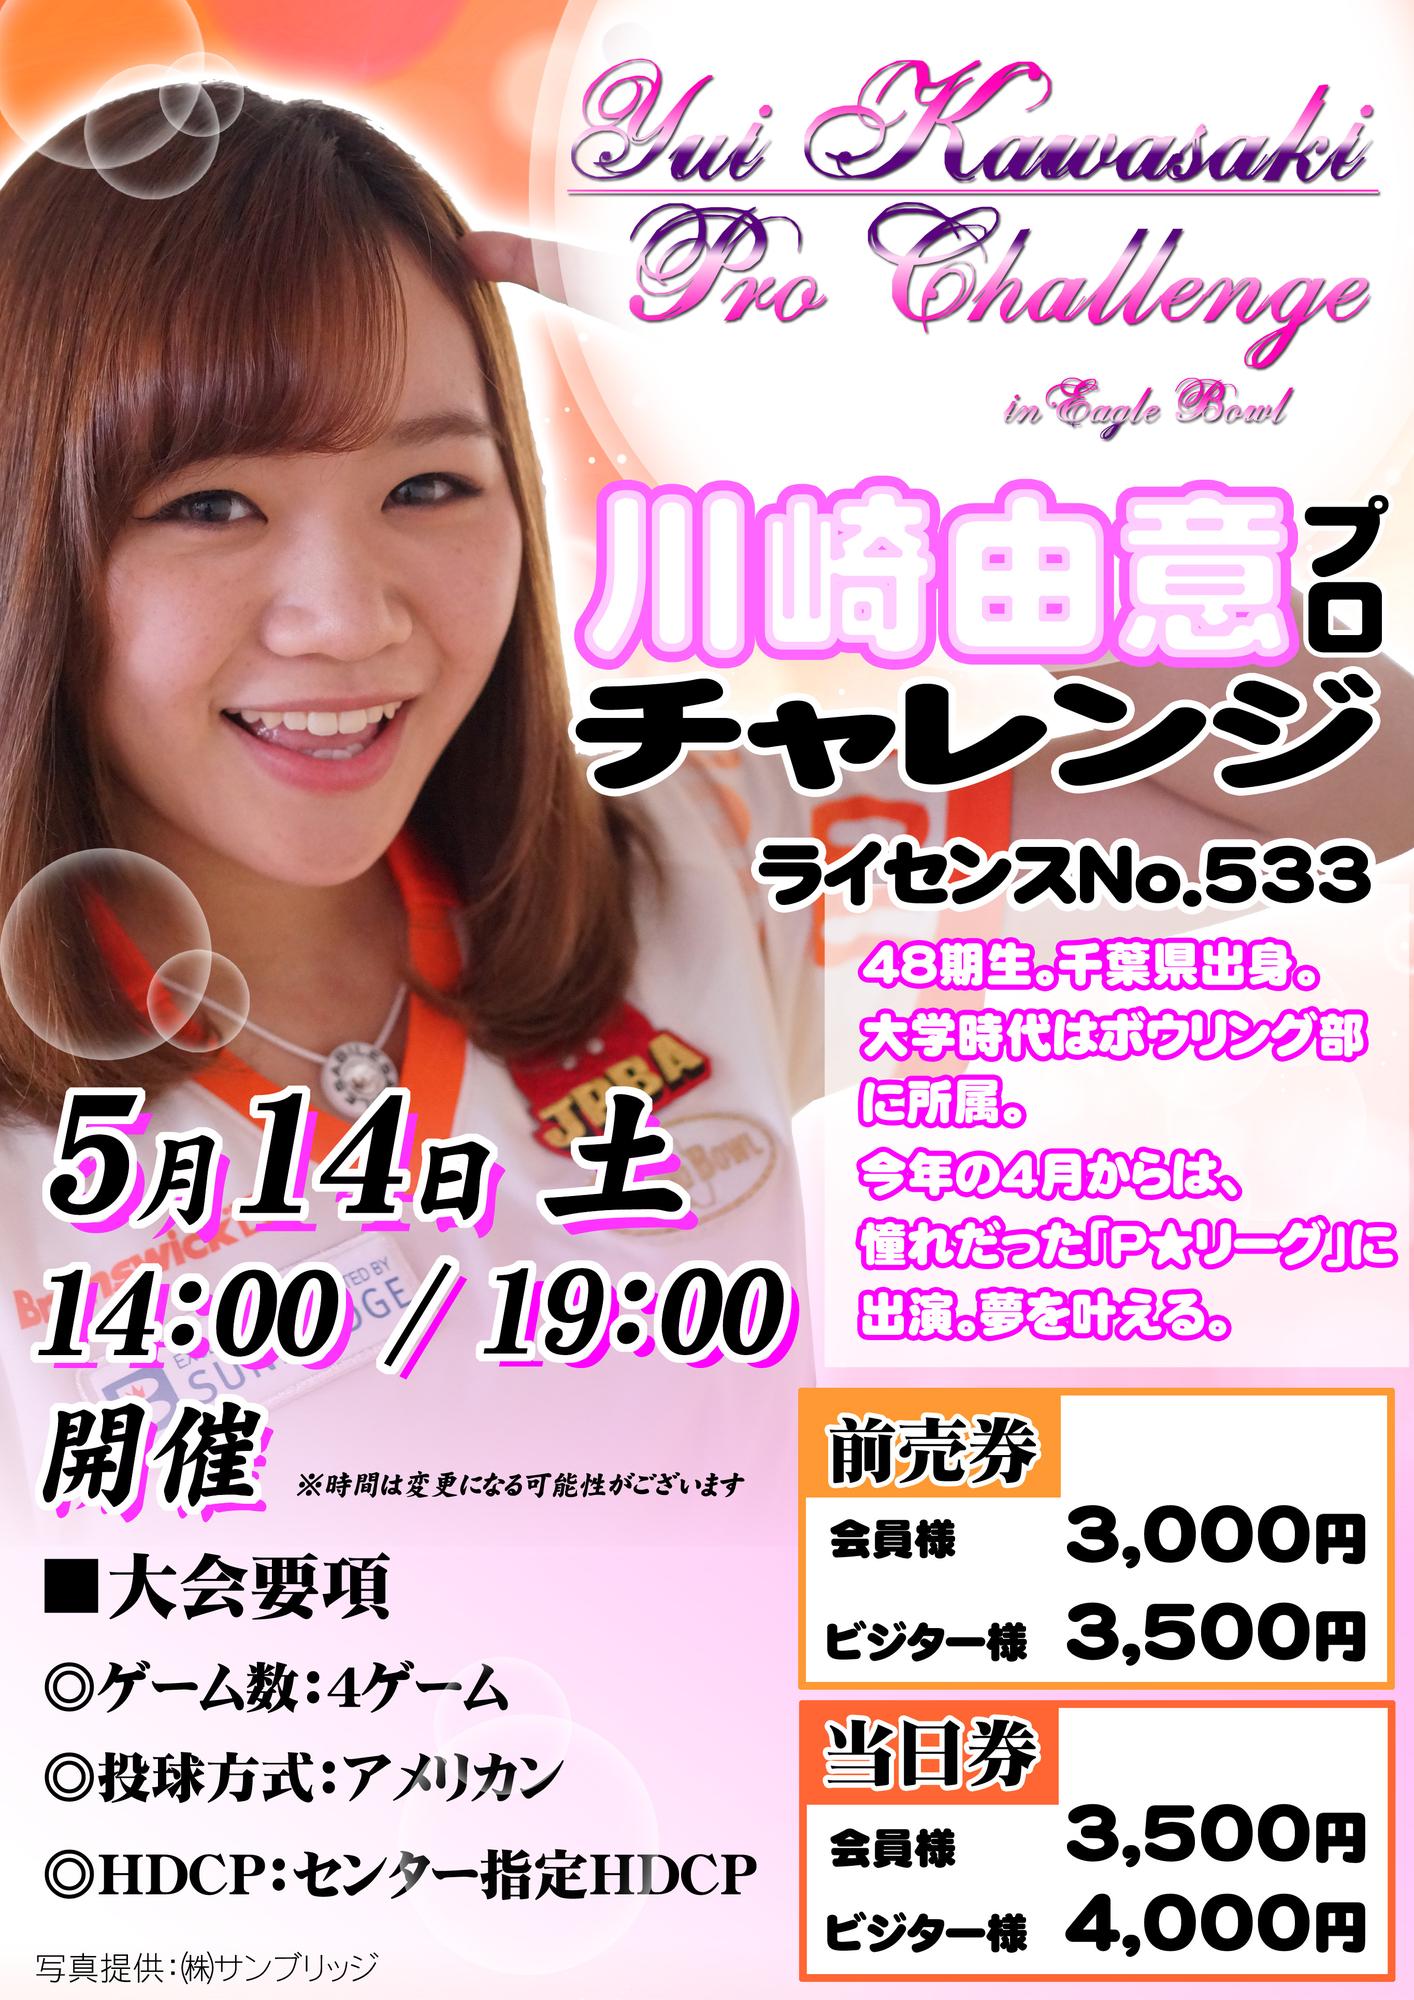 5/14 川崎由意プロチャレンジ